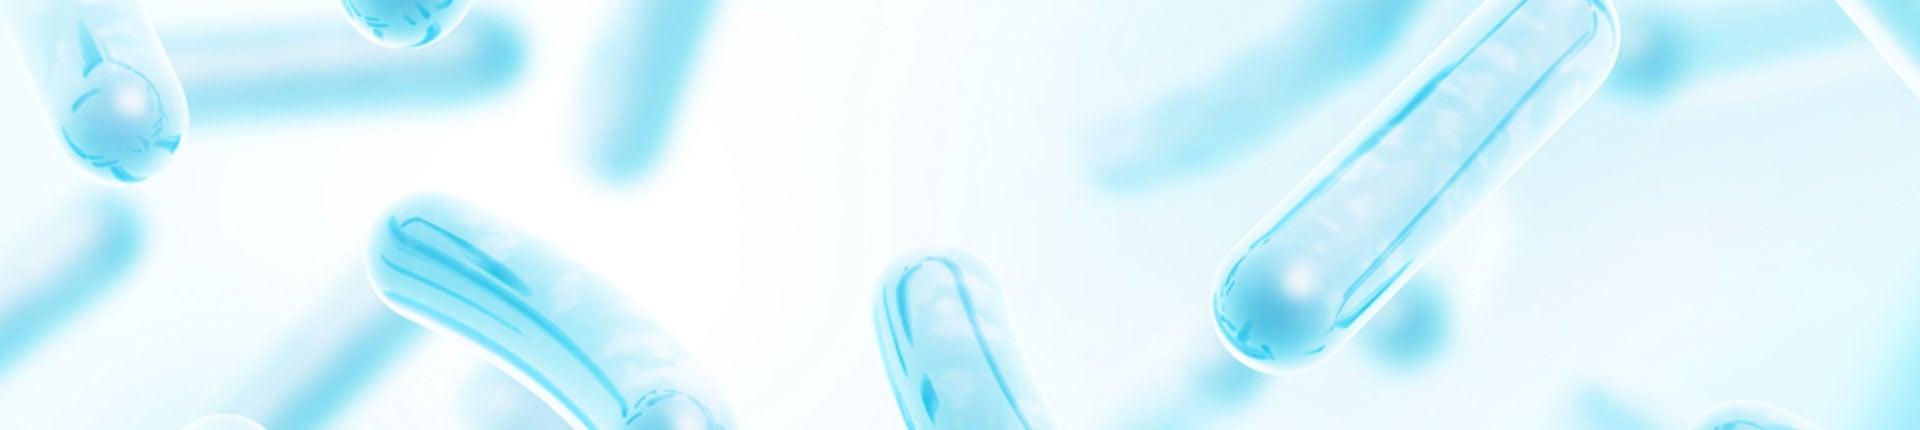 Czym jest Lactobacillus Acidophilus? Właściwości i działanie probiotyku